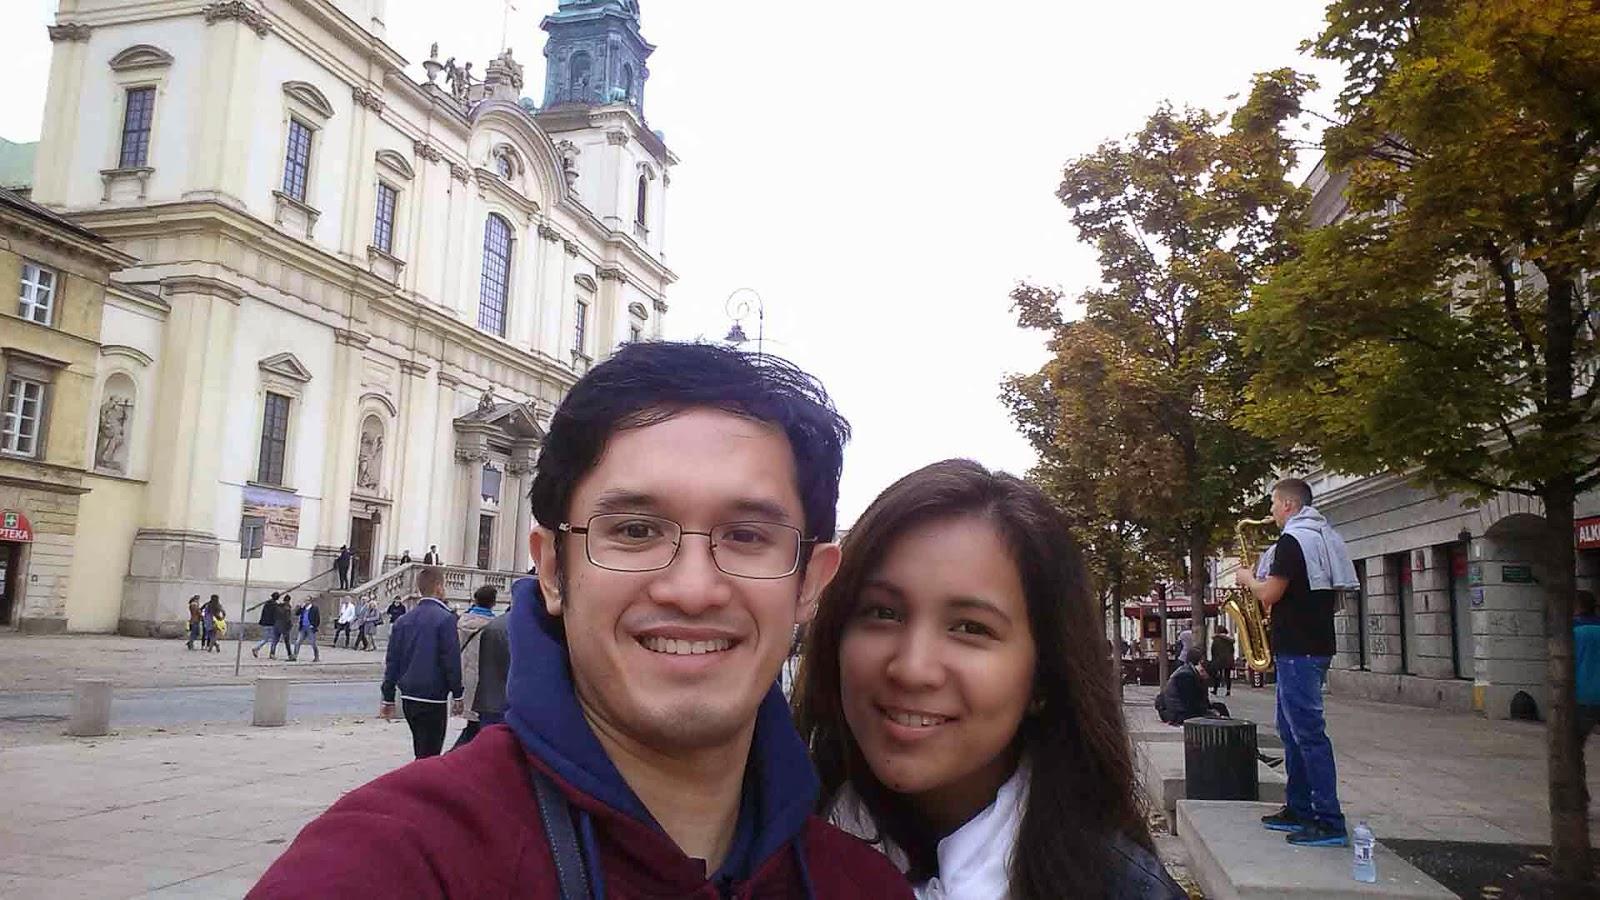 Selfie at Krakowskie Przedmiescie